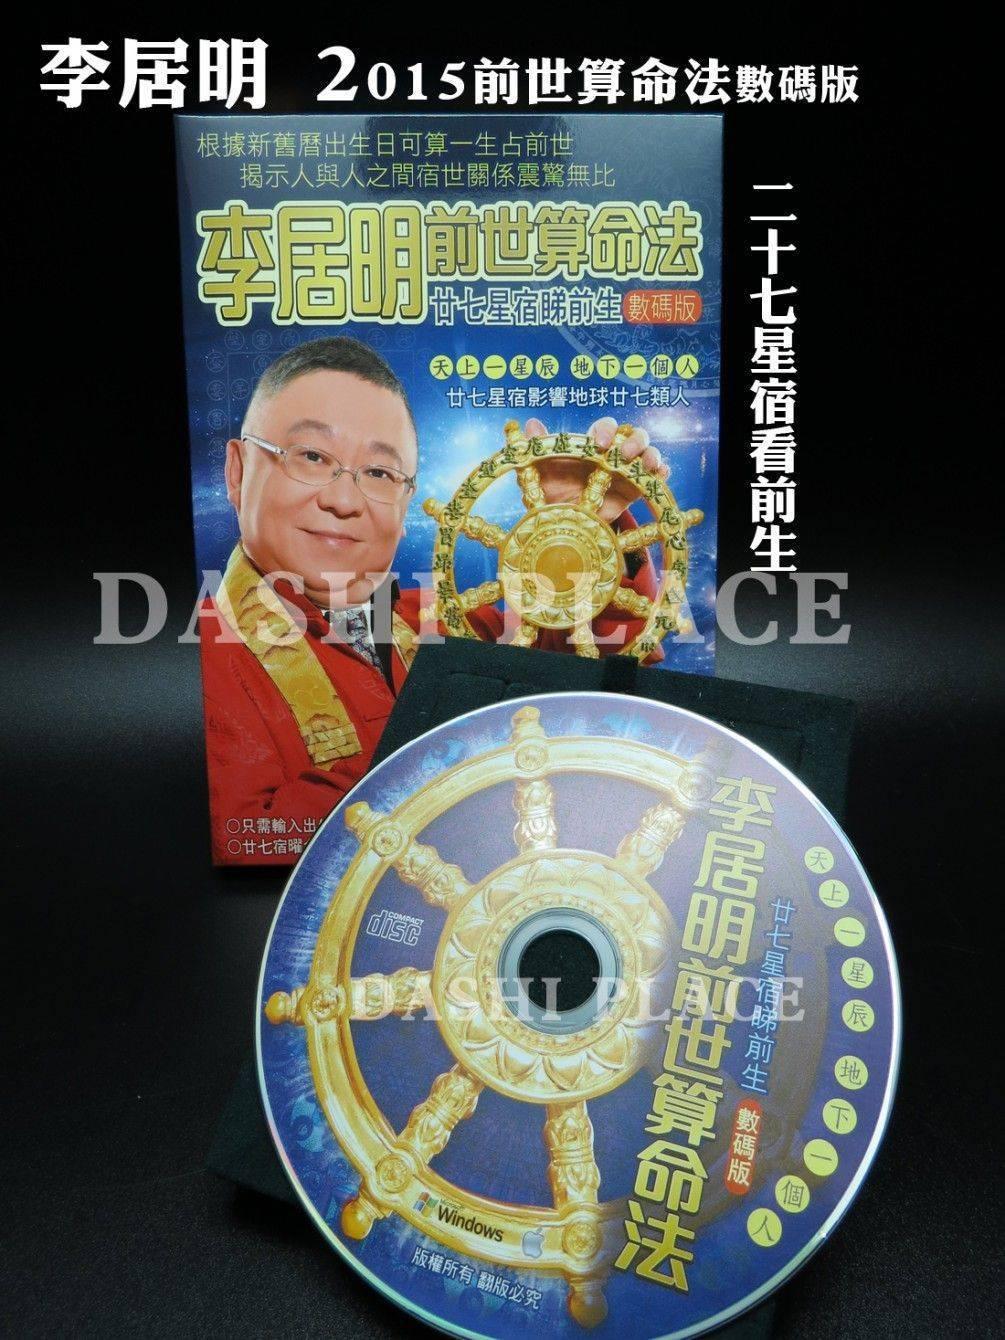 李居明 2015前世算命法